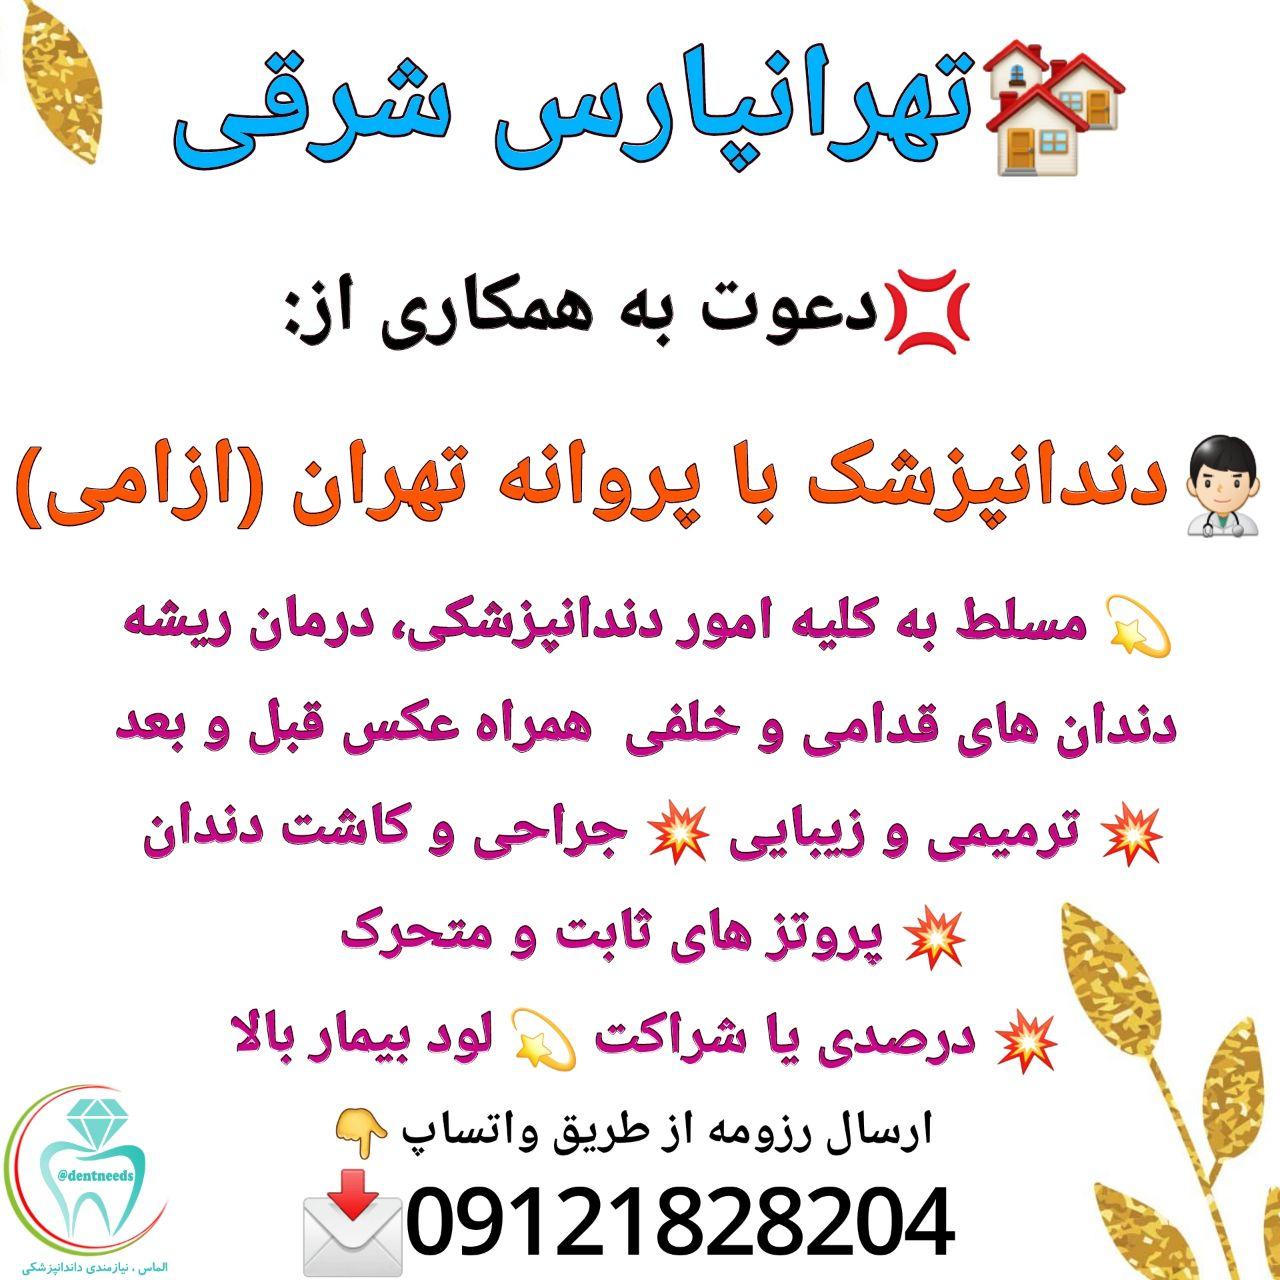 تهرانپارس شرقی: نیاز به دندانپزشک با پروانه تهران(الزامی)